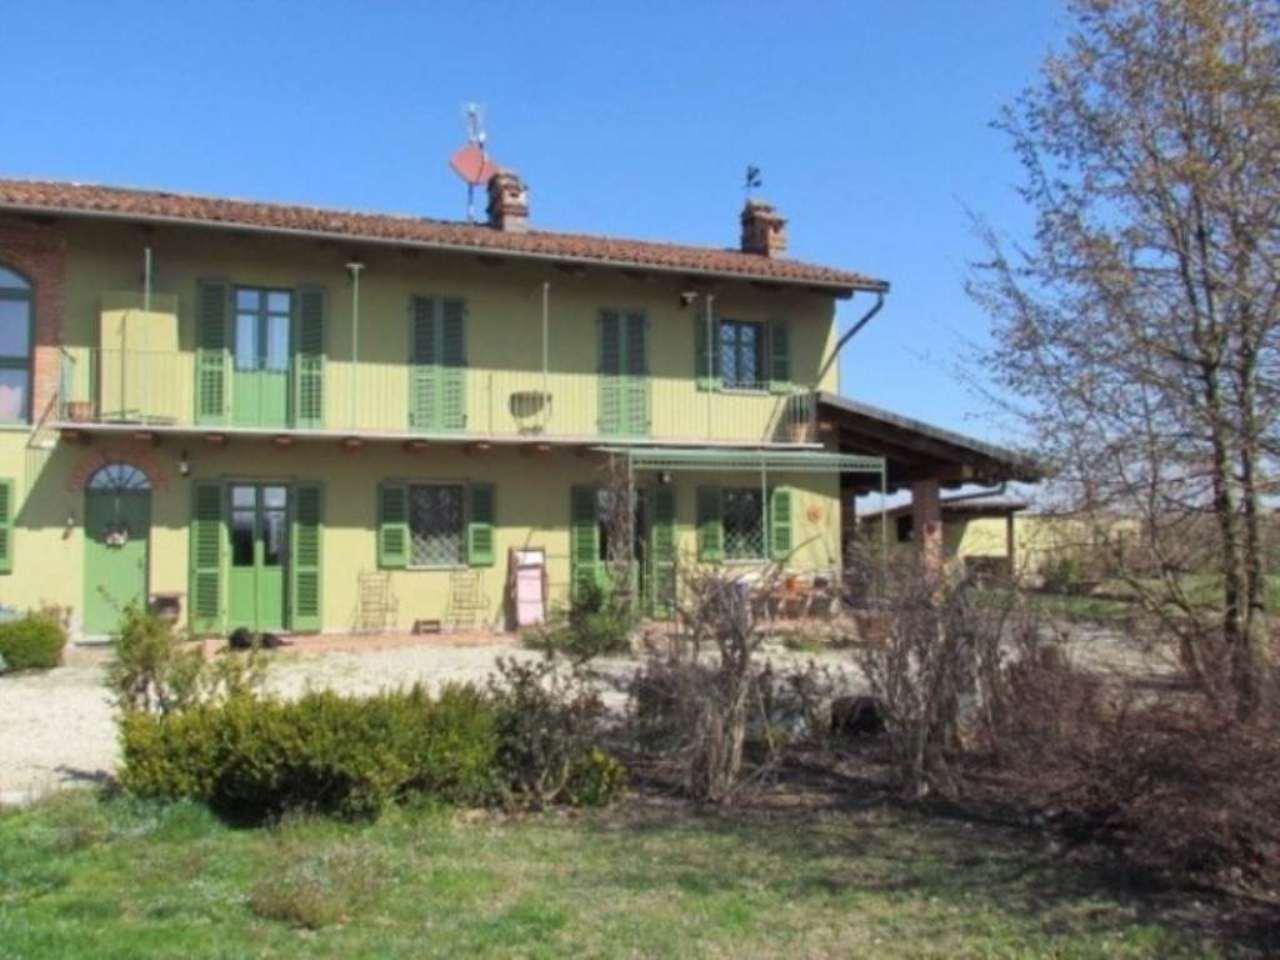 Rustico / Casale in vendita a Savigliano, 5 locali, Trattative riservate | Cambio Casa.it